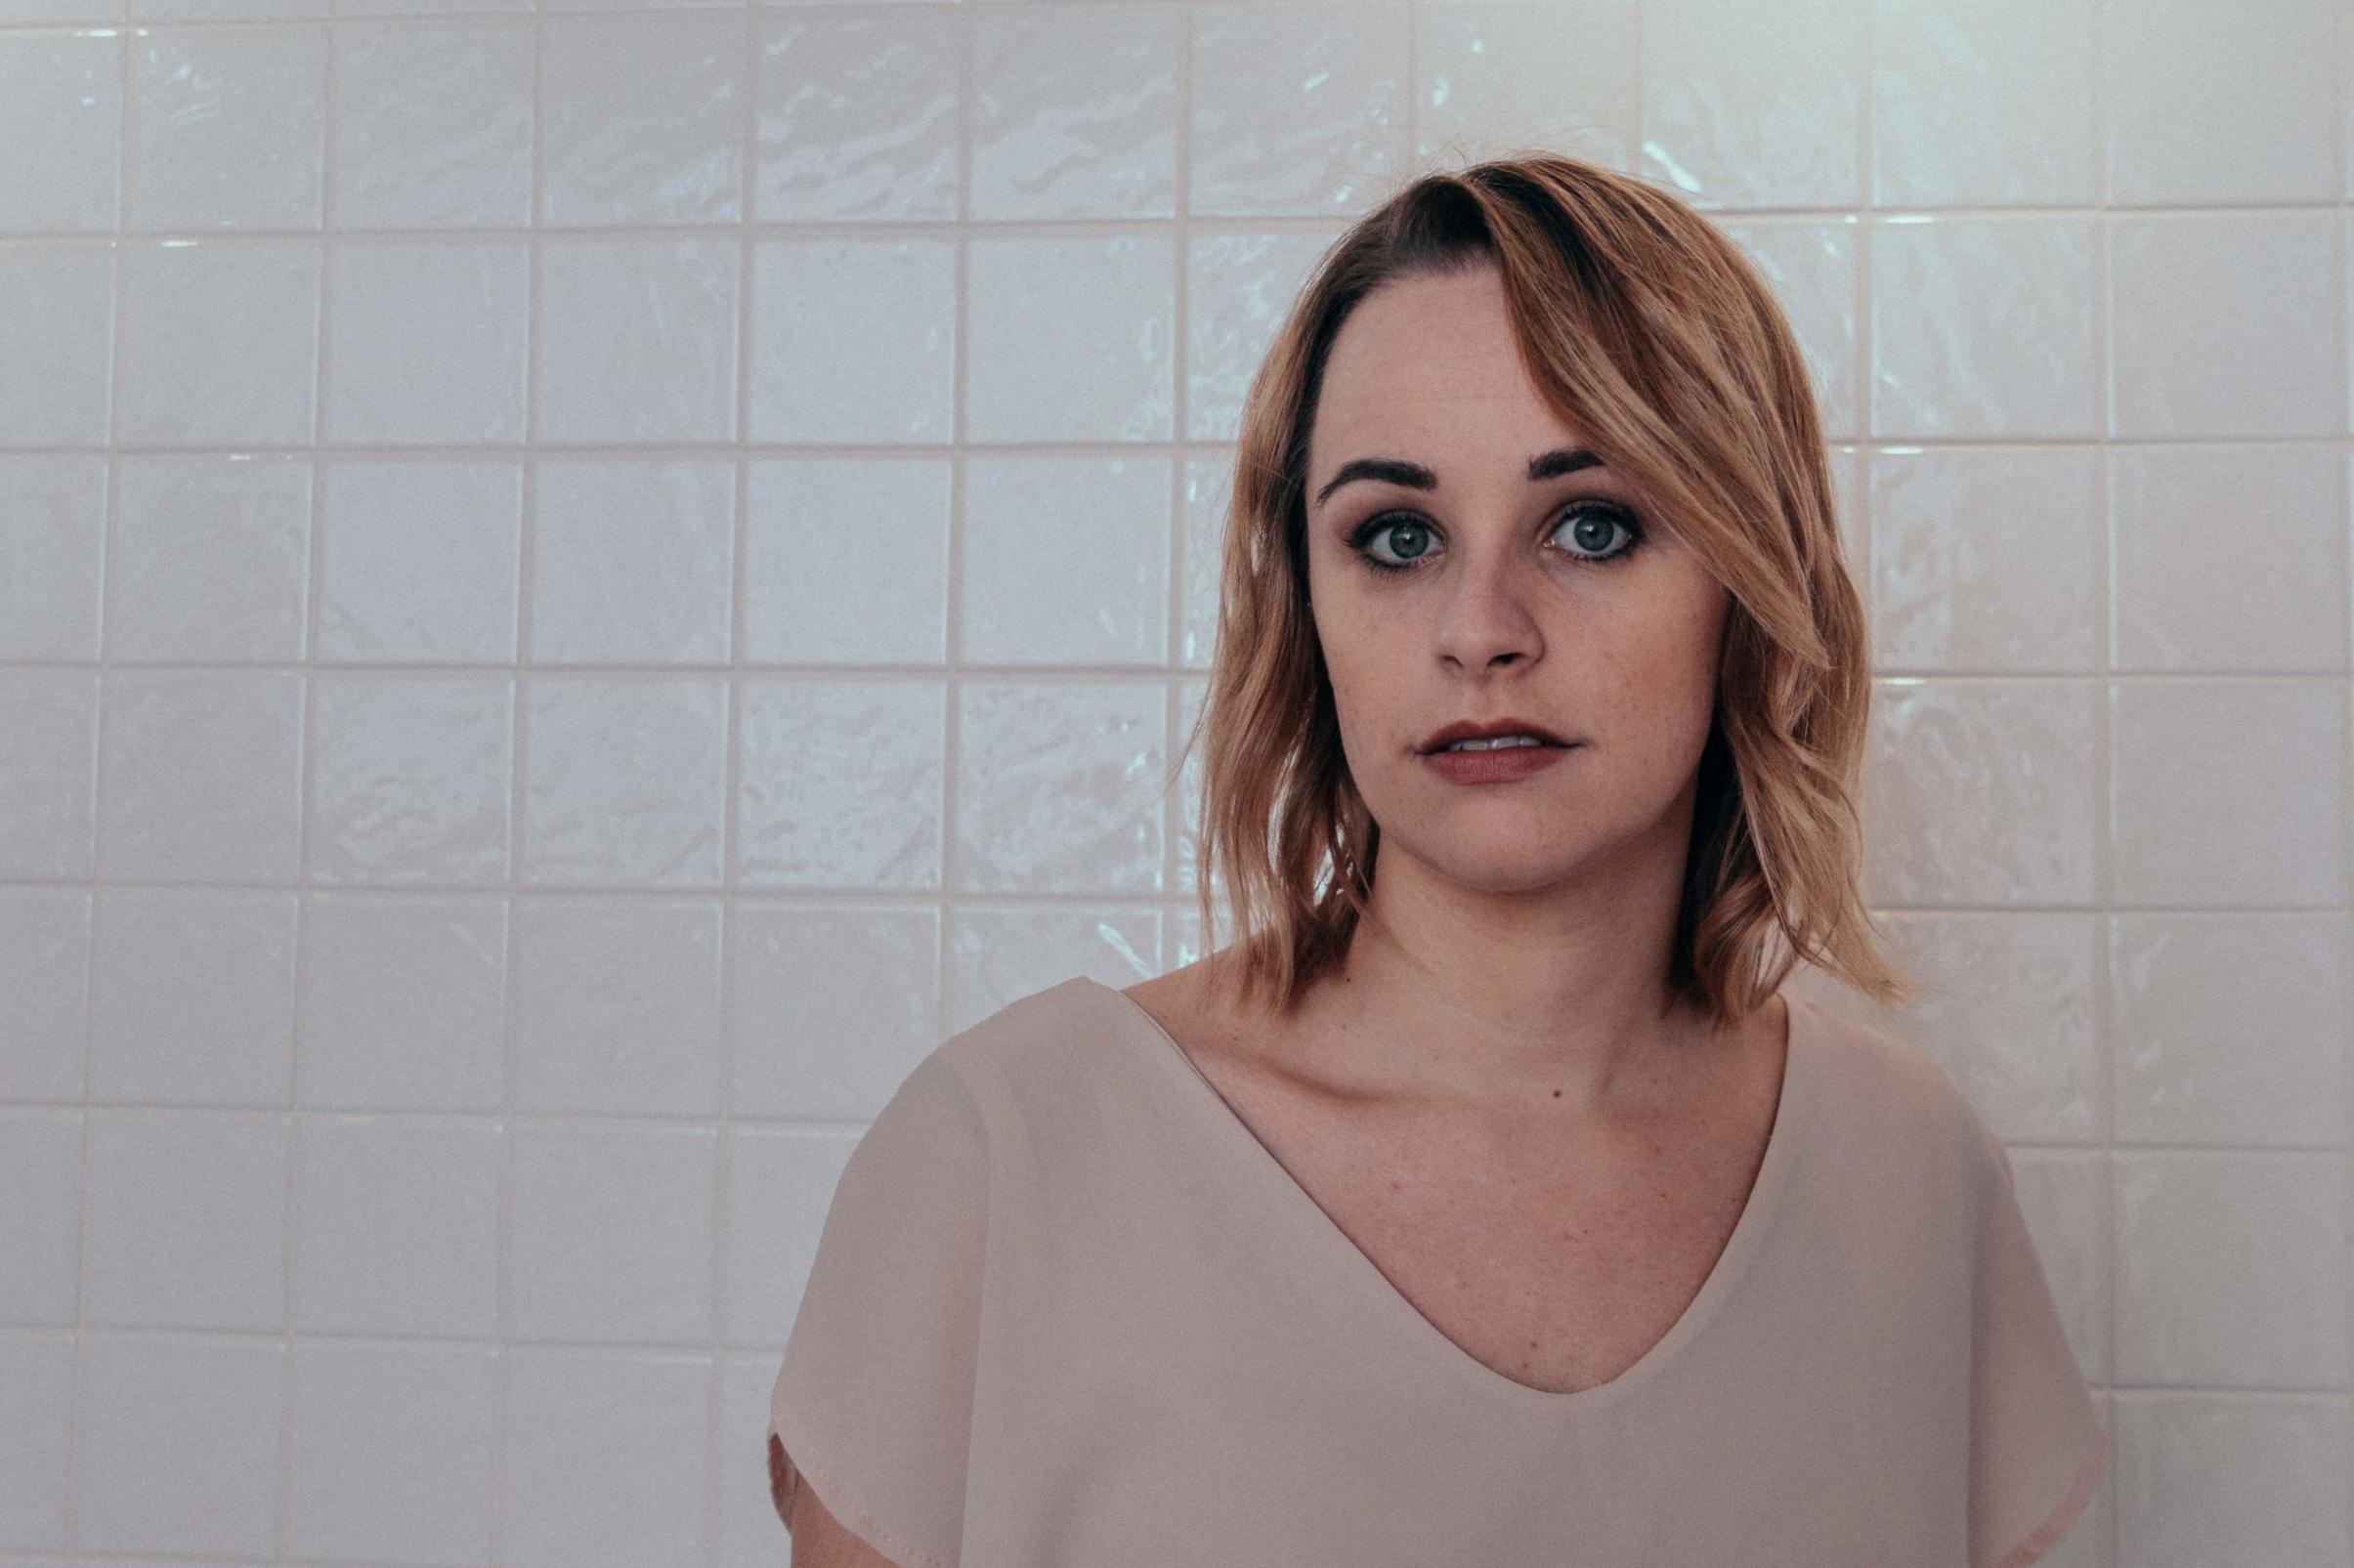 Portrait Session - Model : Elisma De Villiers